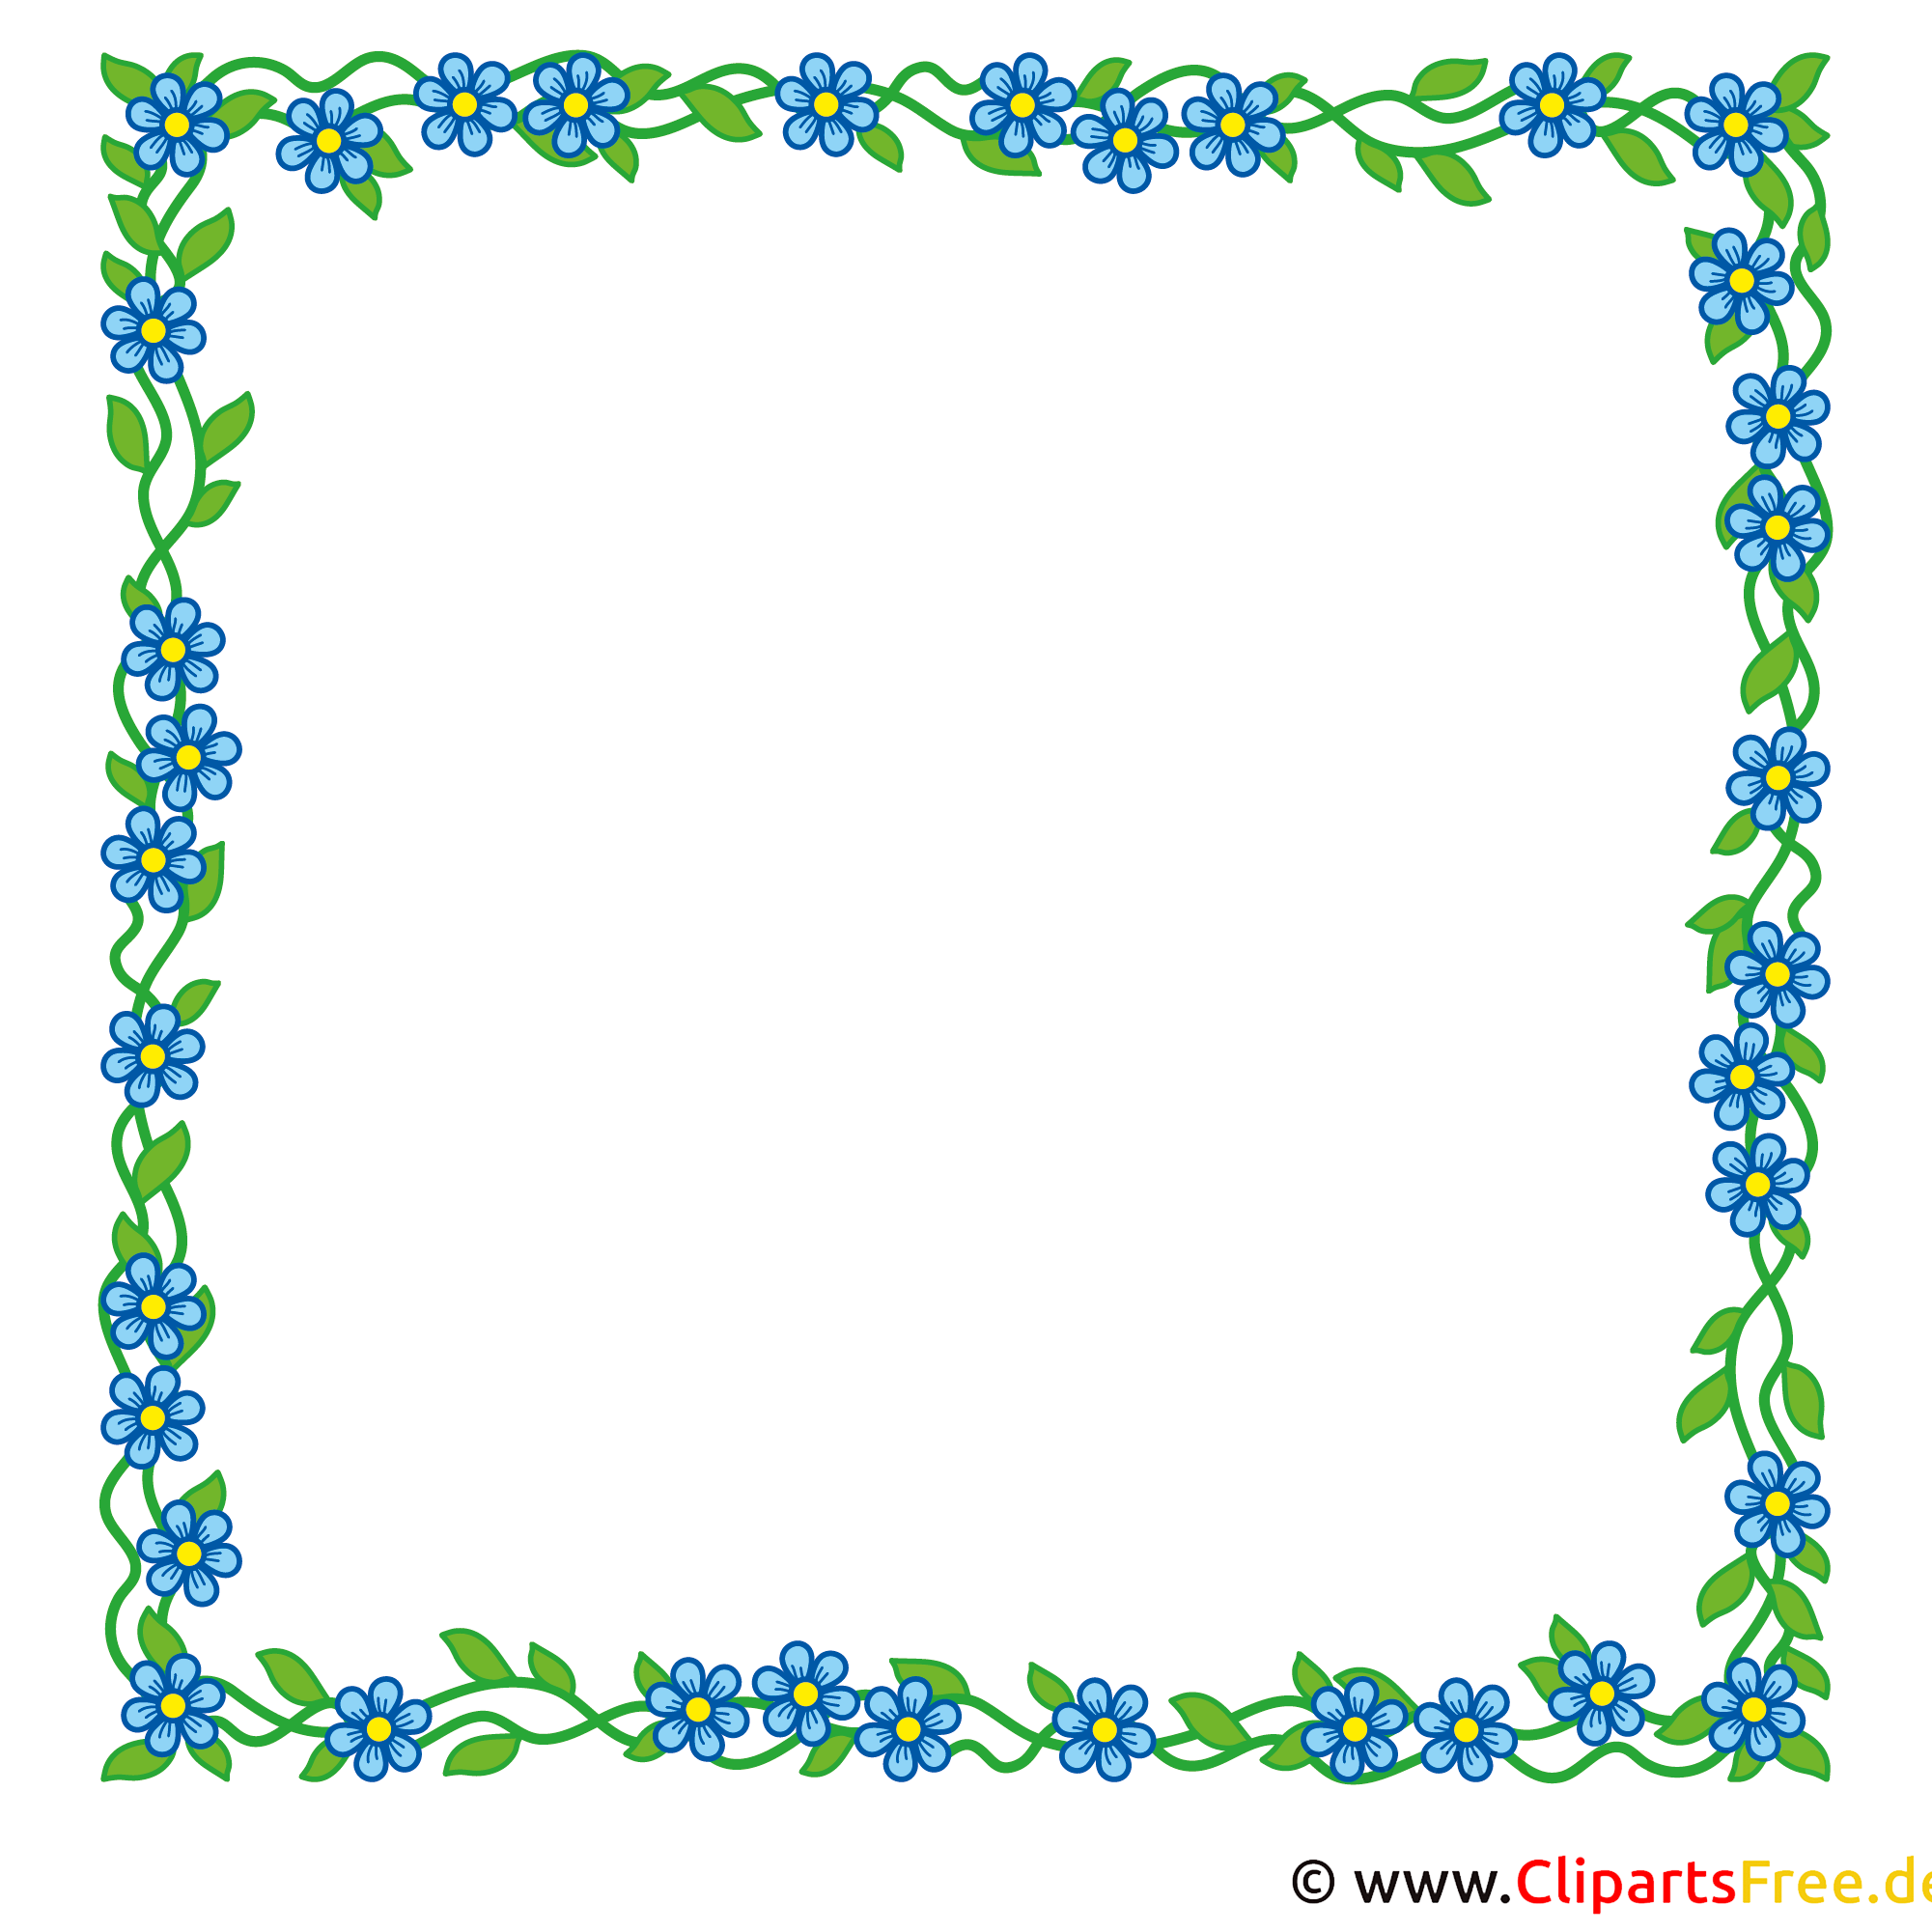 Rahmen für Bilder transparenter Hintergrund